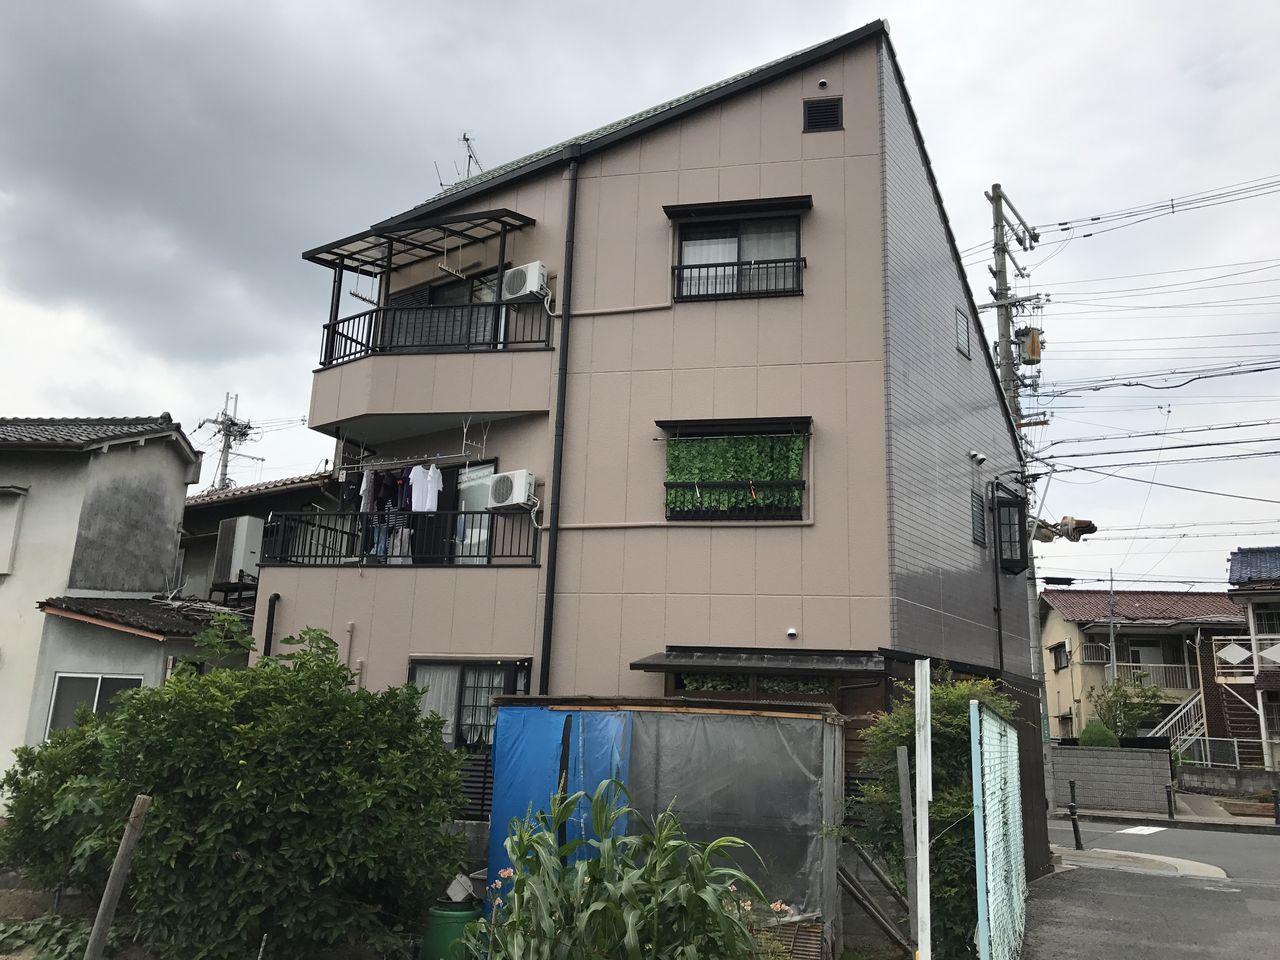 永田邸 河内長野市 外観 施工後 (2)